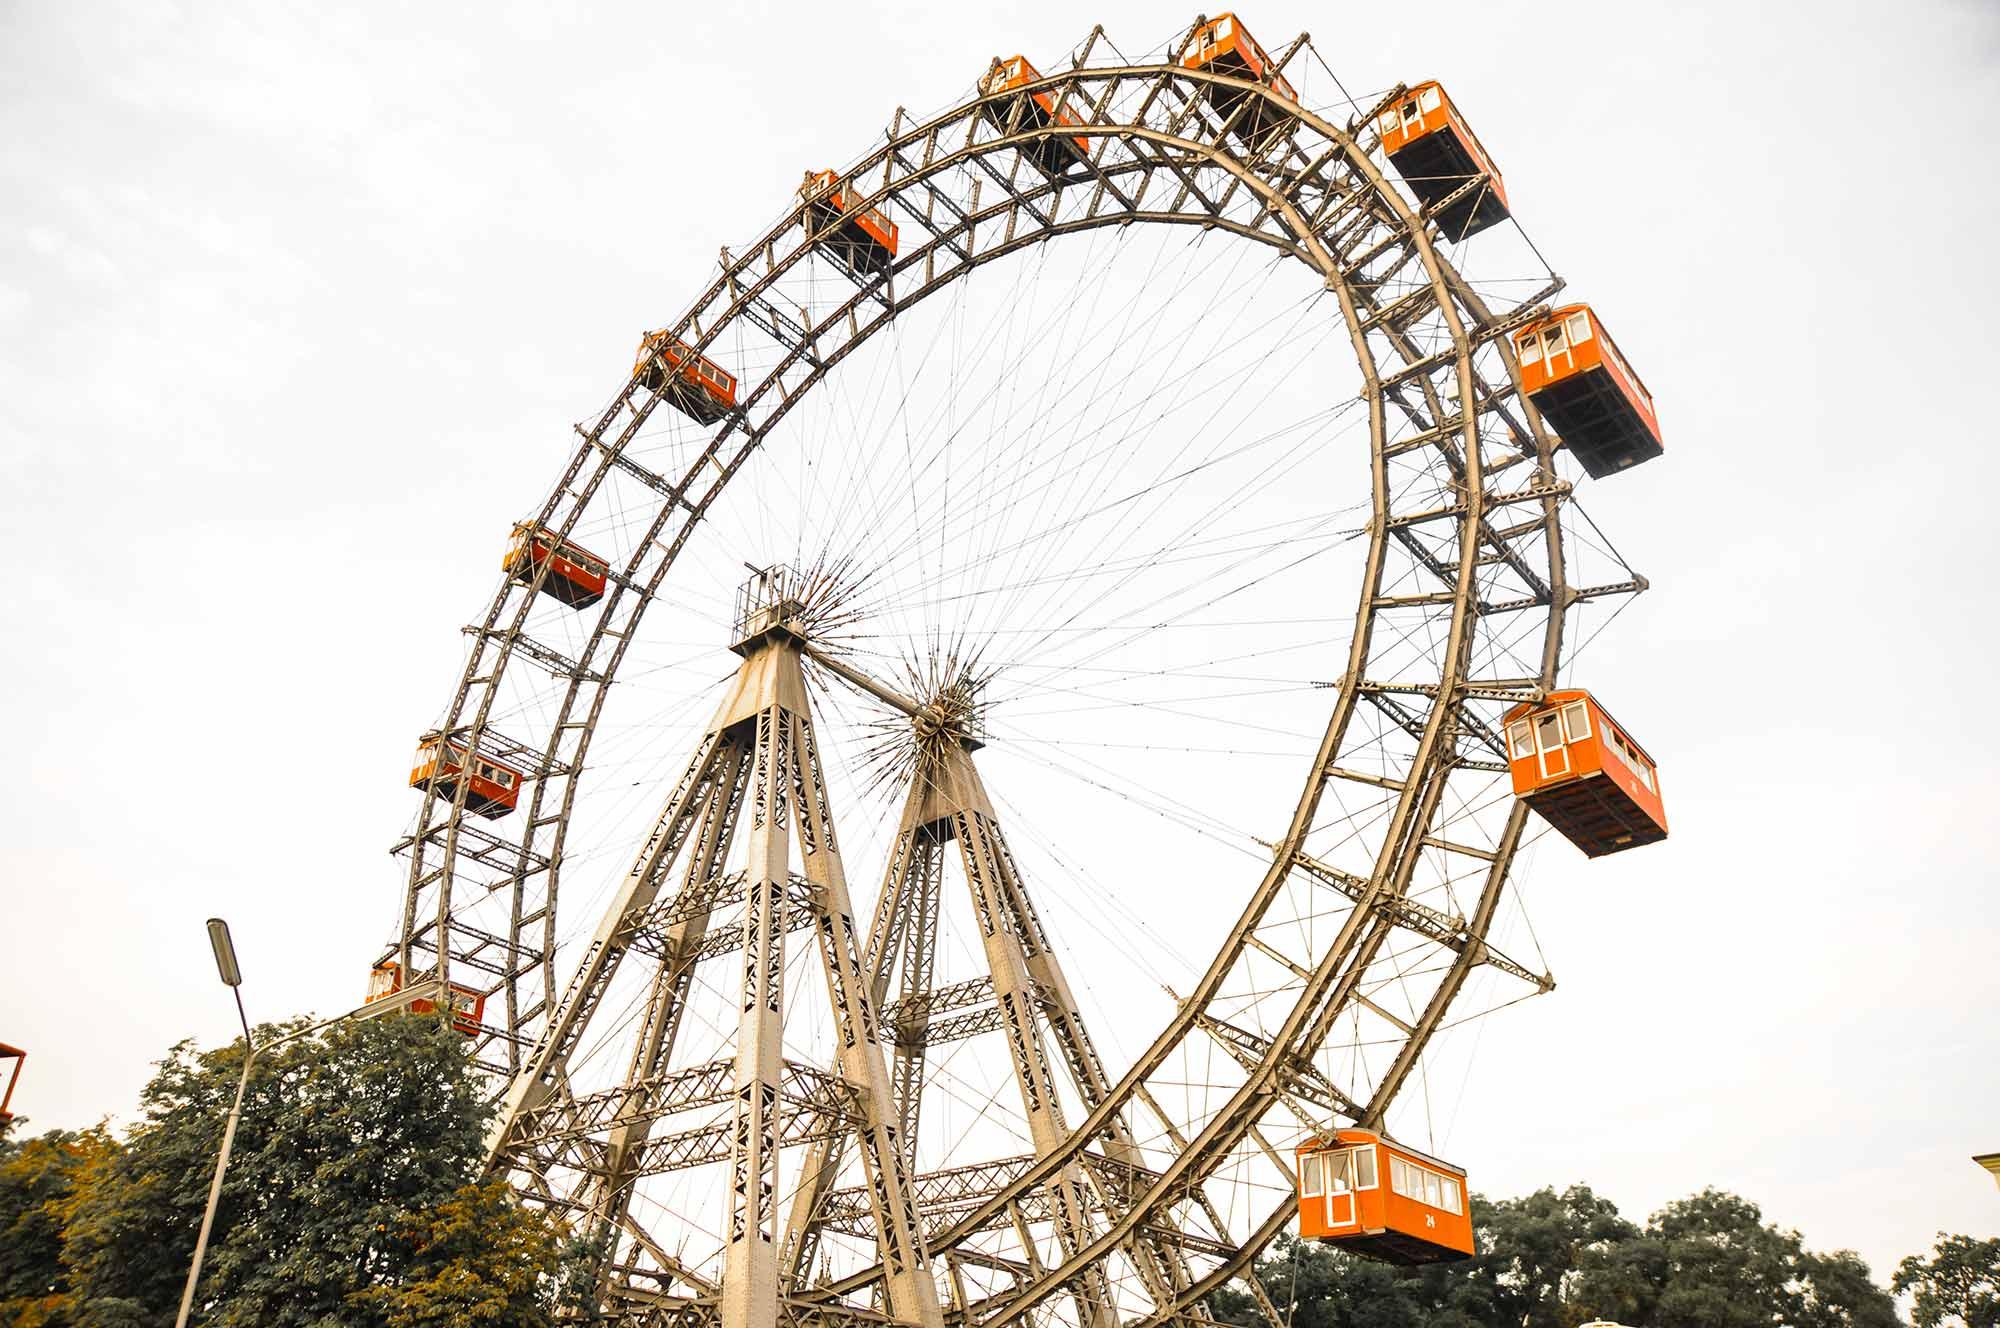 Im Bild: Das Prater-Riesenrad im österreichischen Bundesland Wien